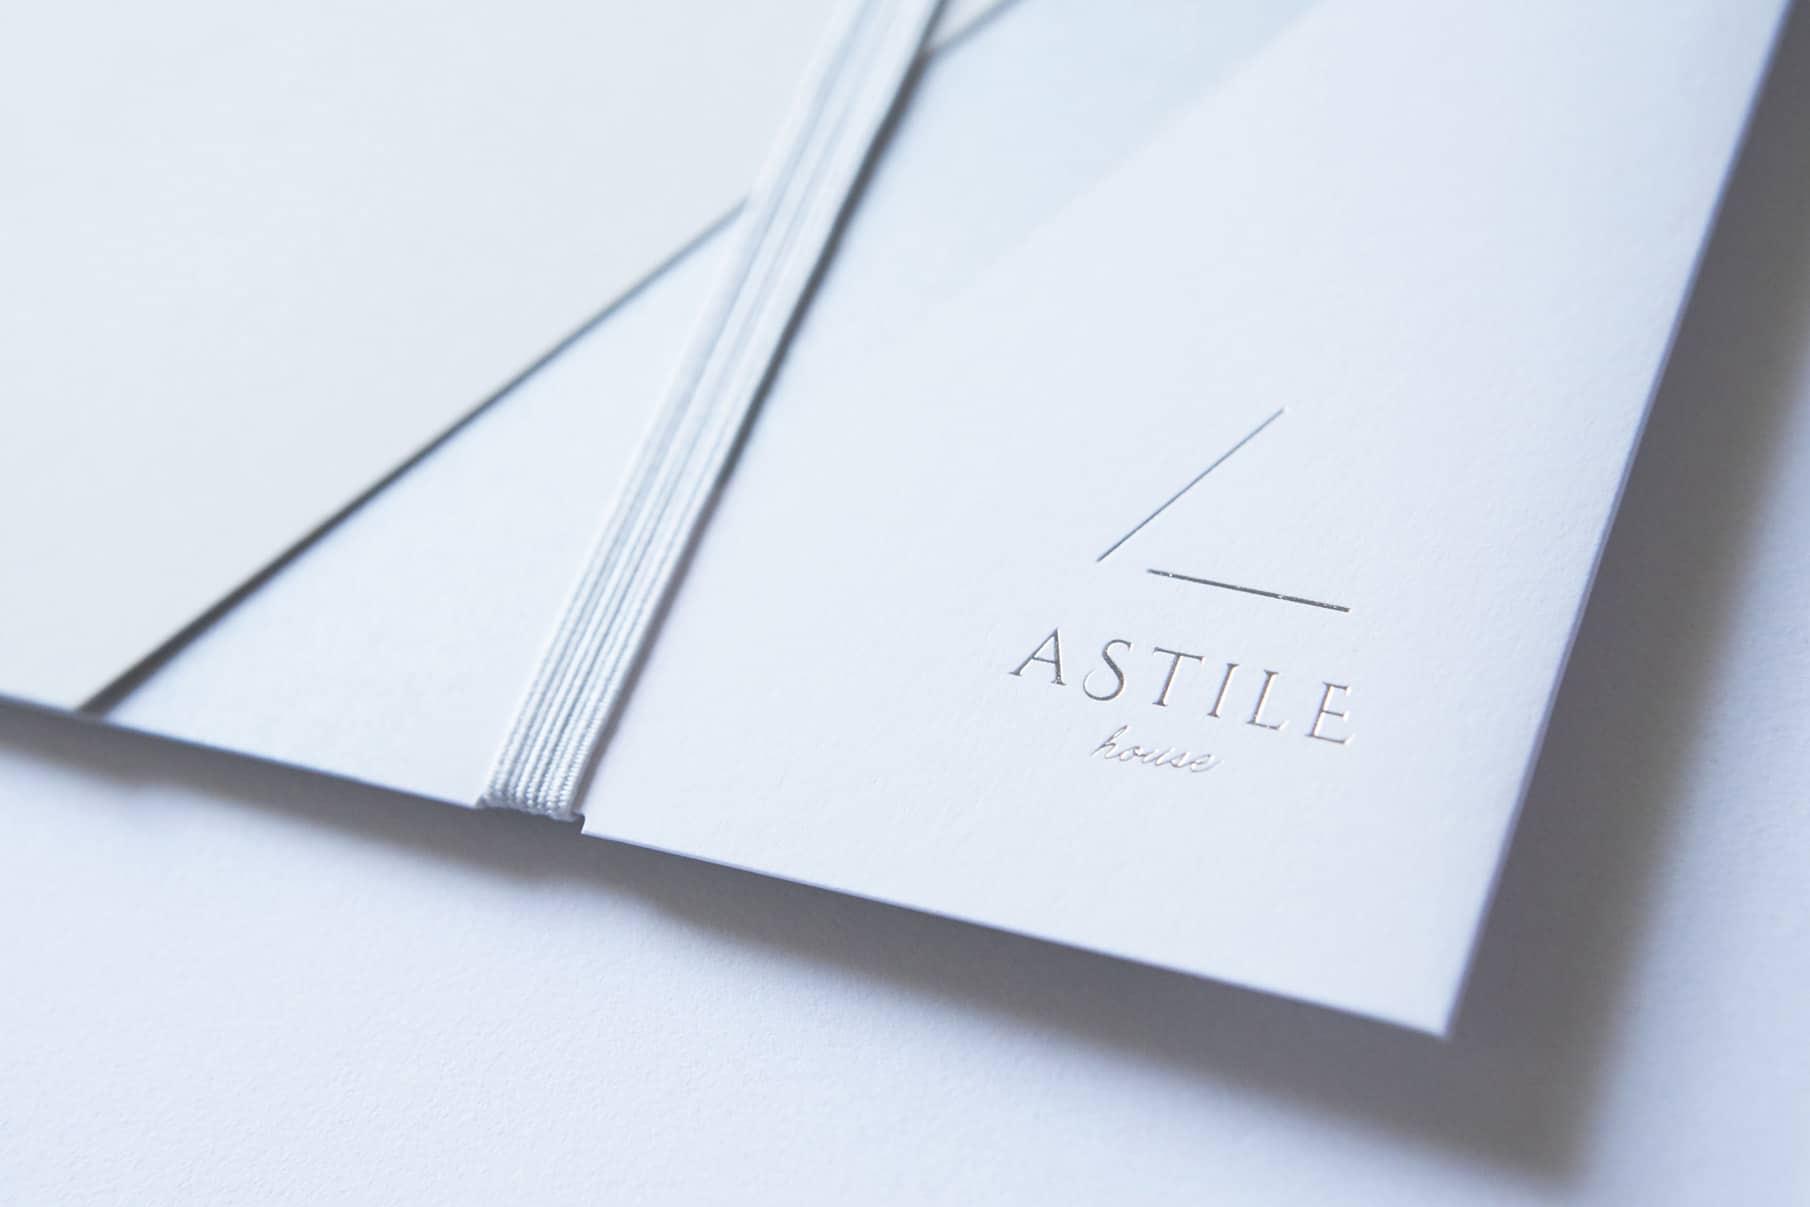 ASTILE house - Pocket File 5